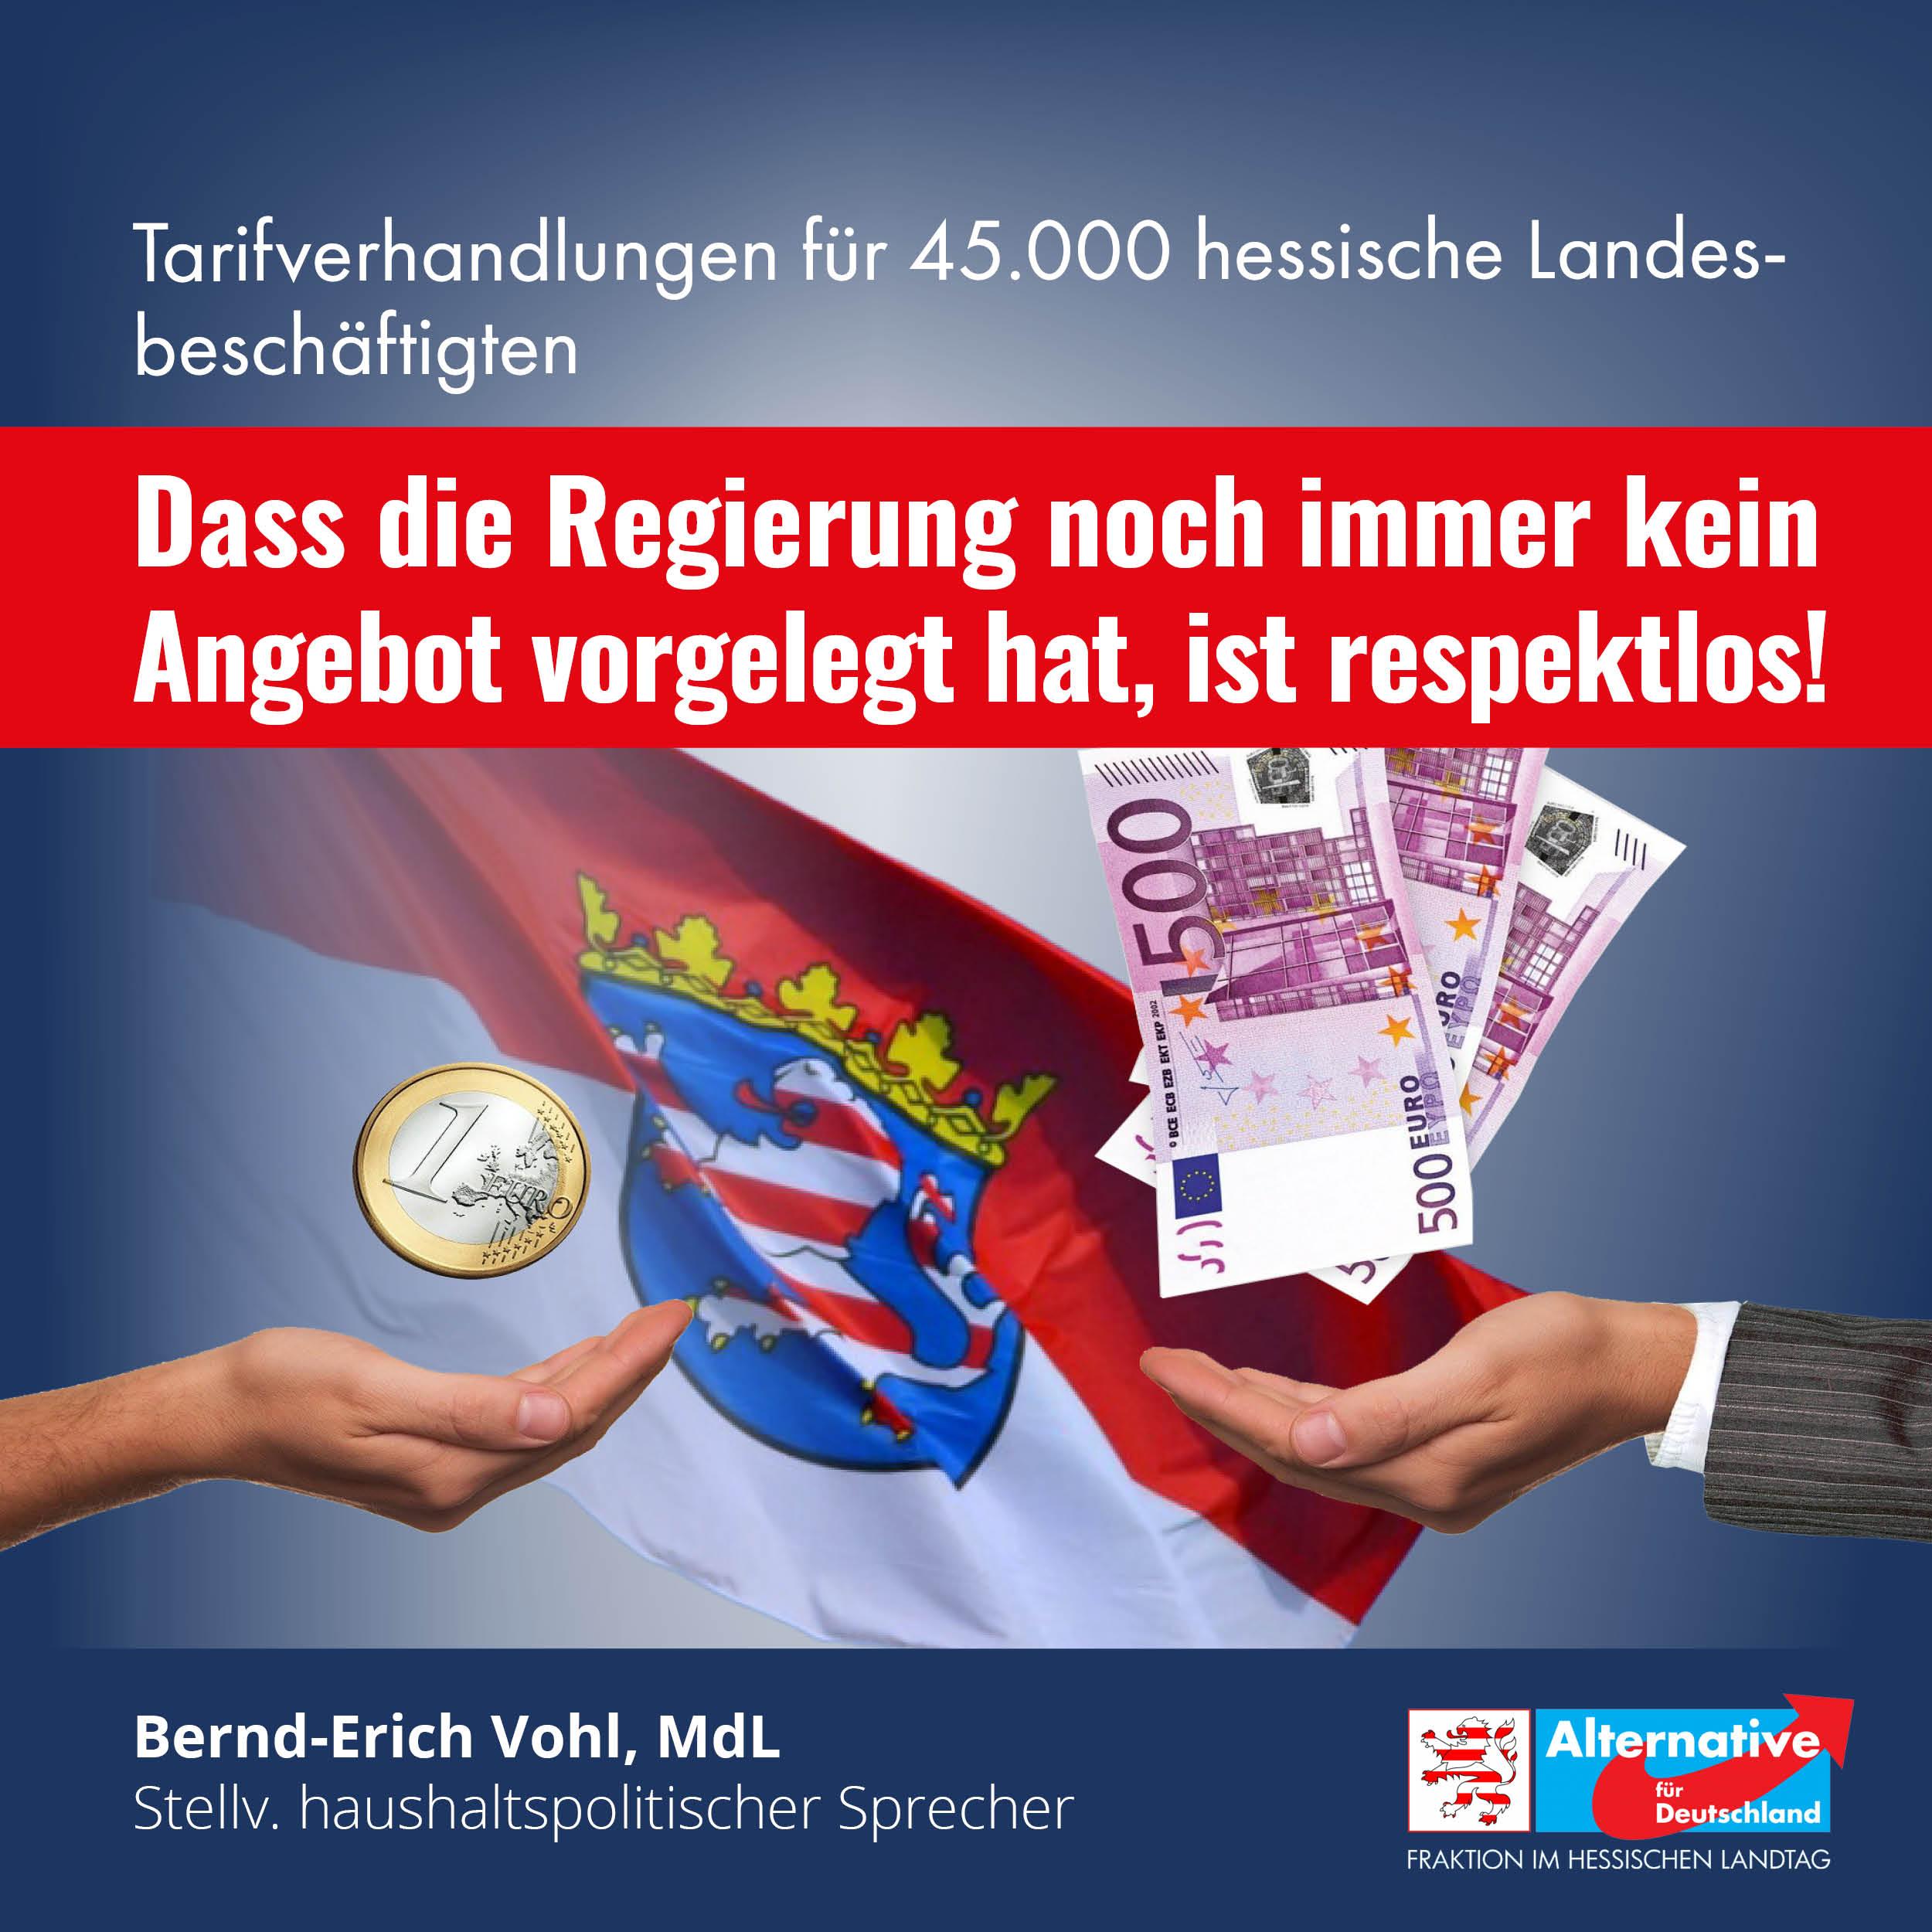 Tarifverhandlungen für 45.000 hessische Landesbeschäftigten